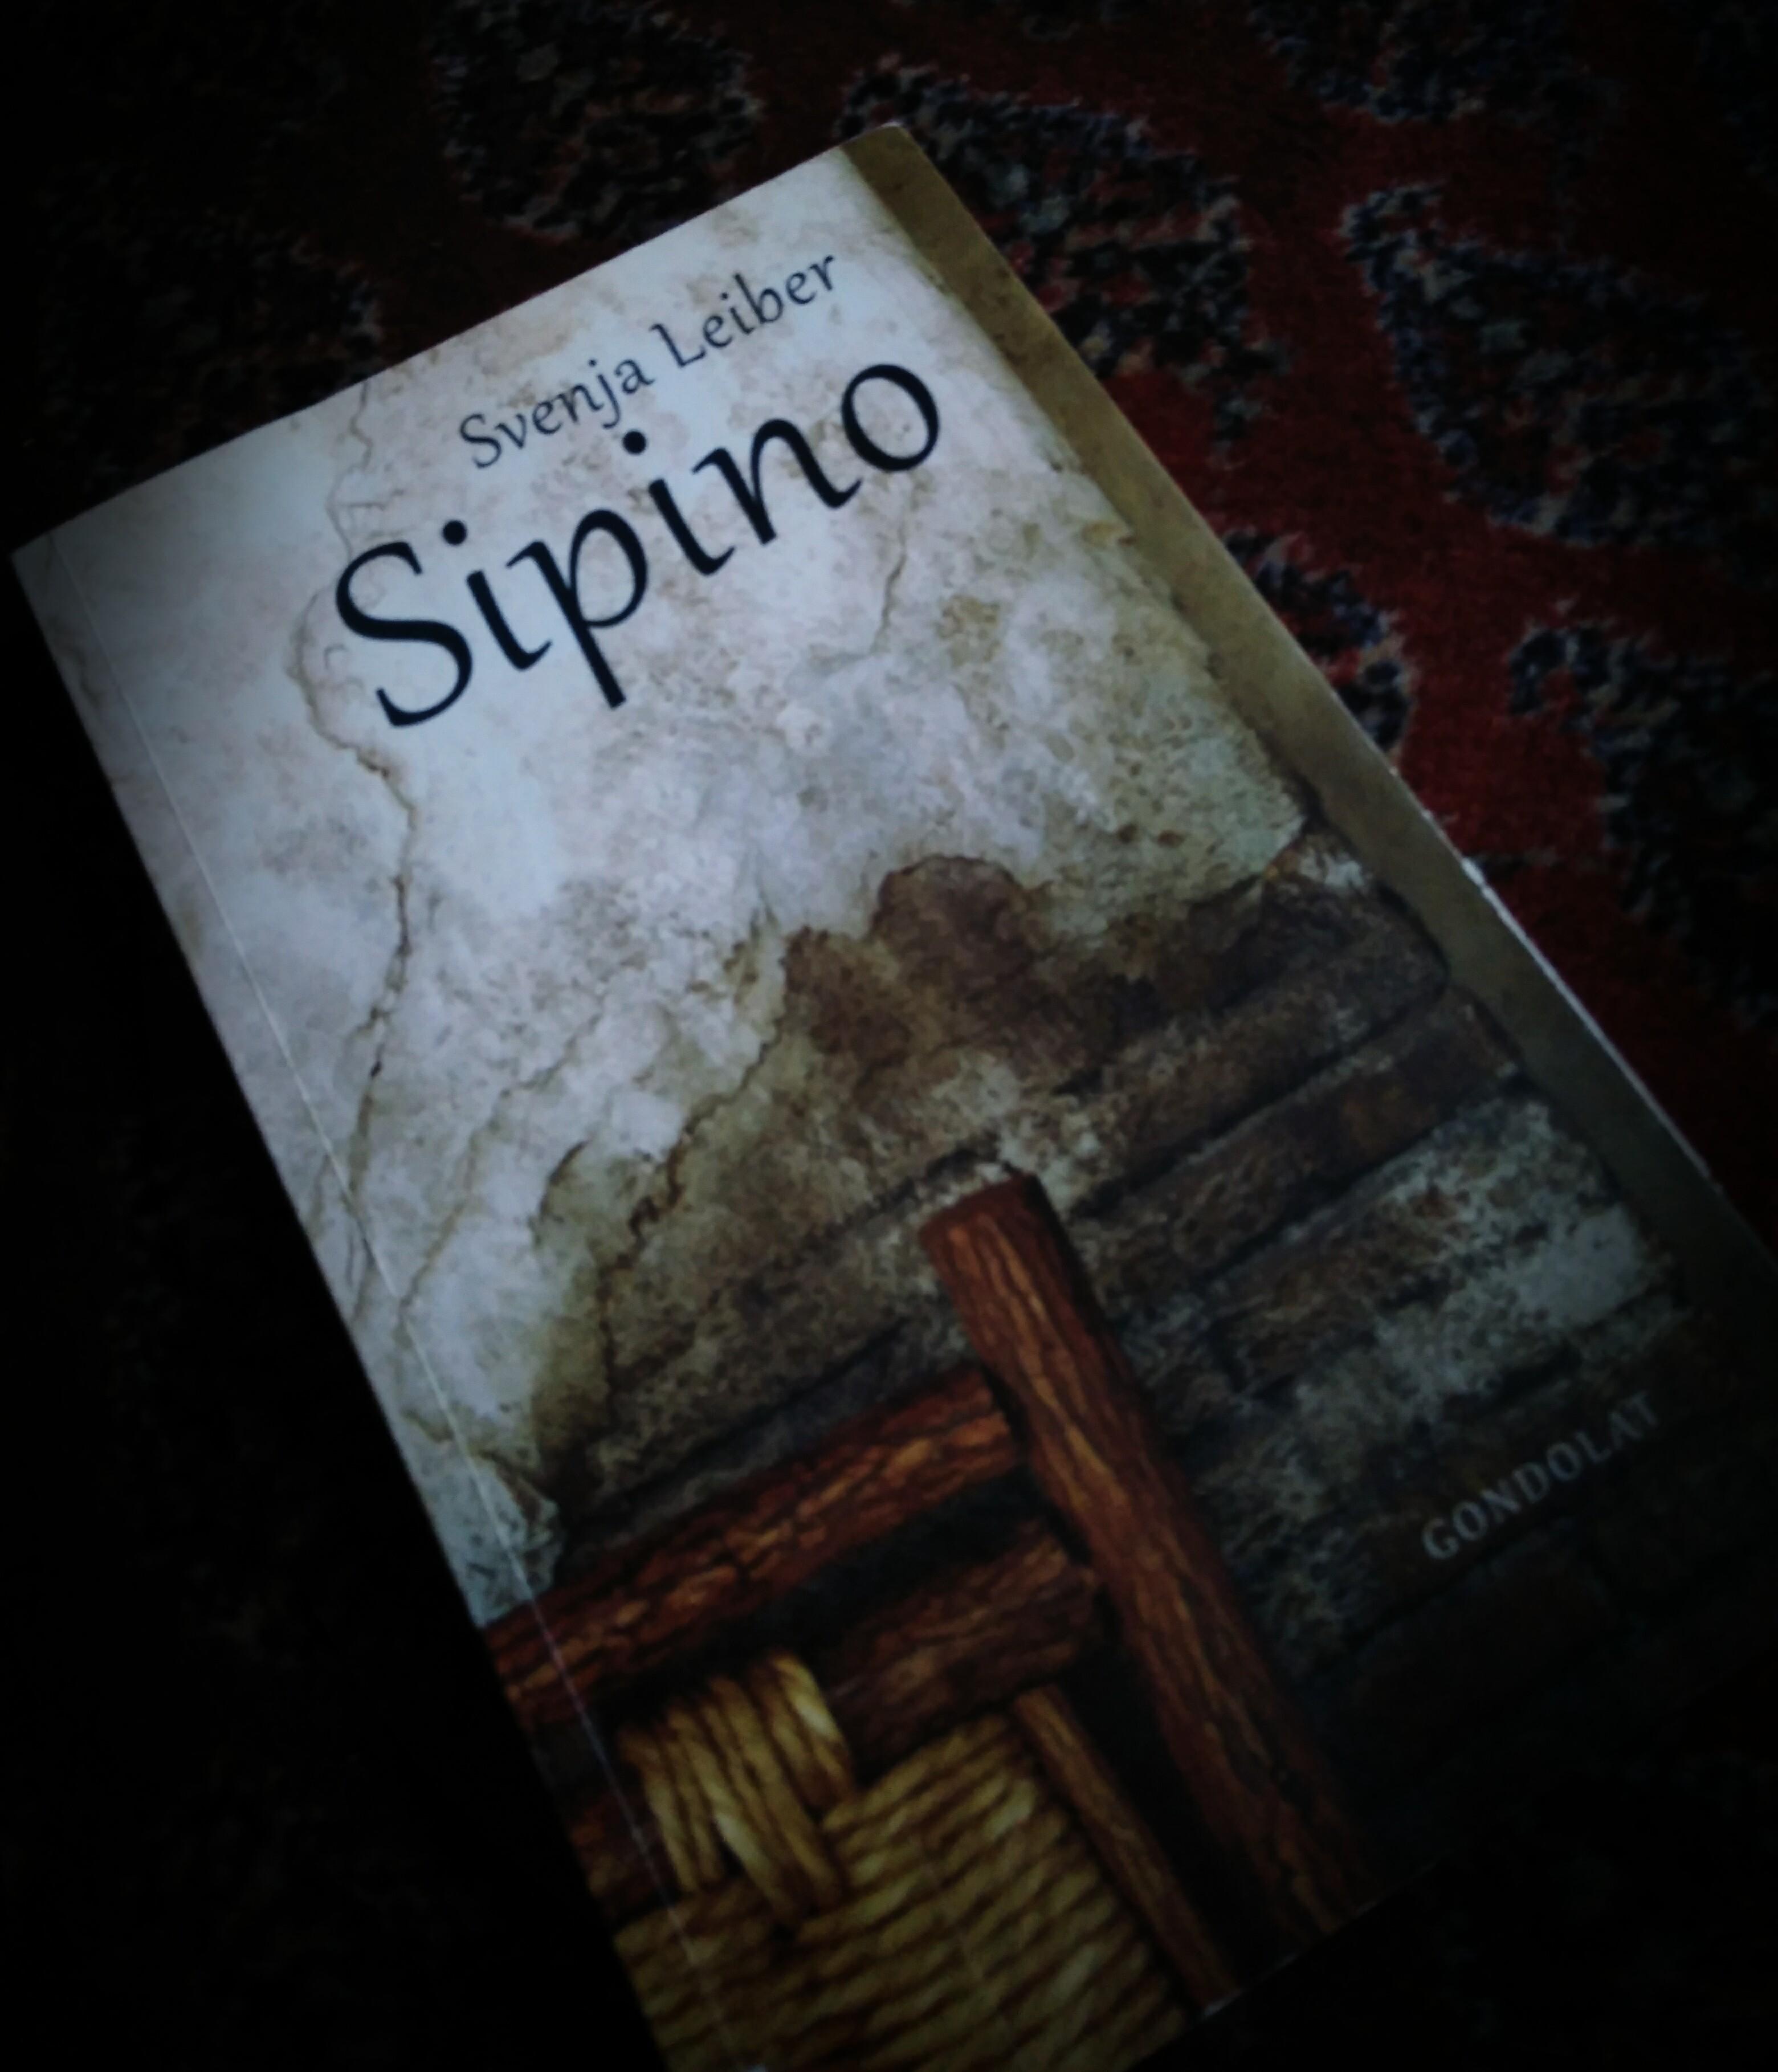 sipino_kep.jpg